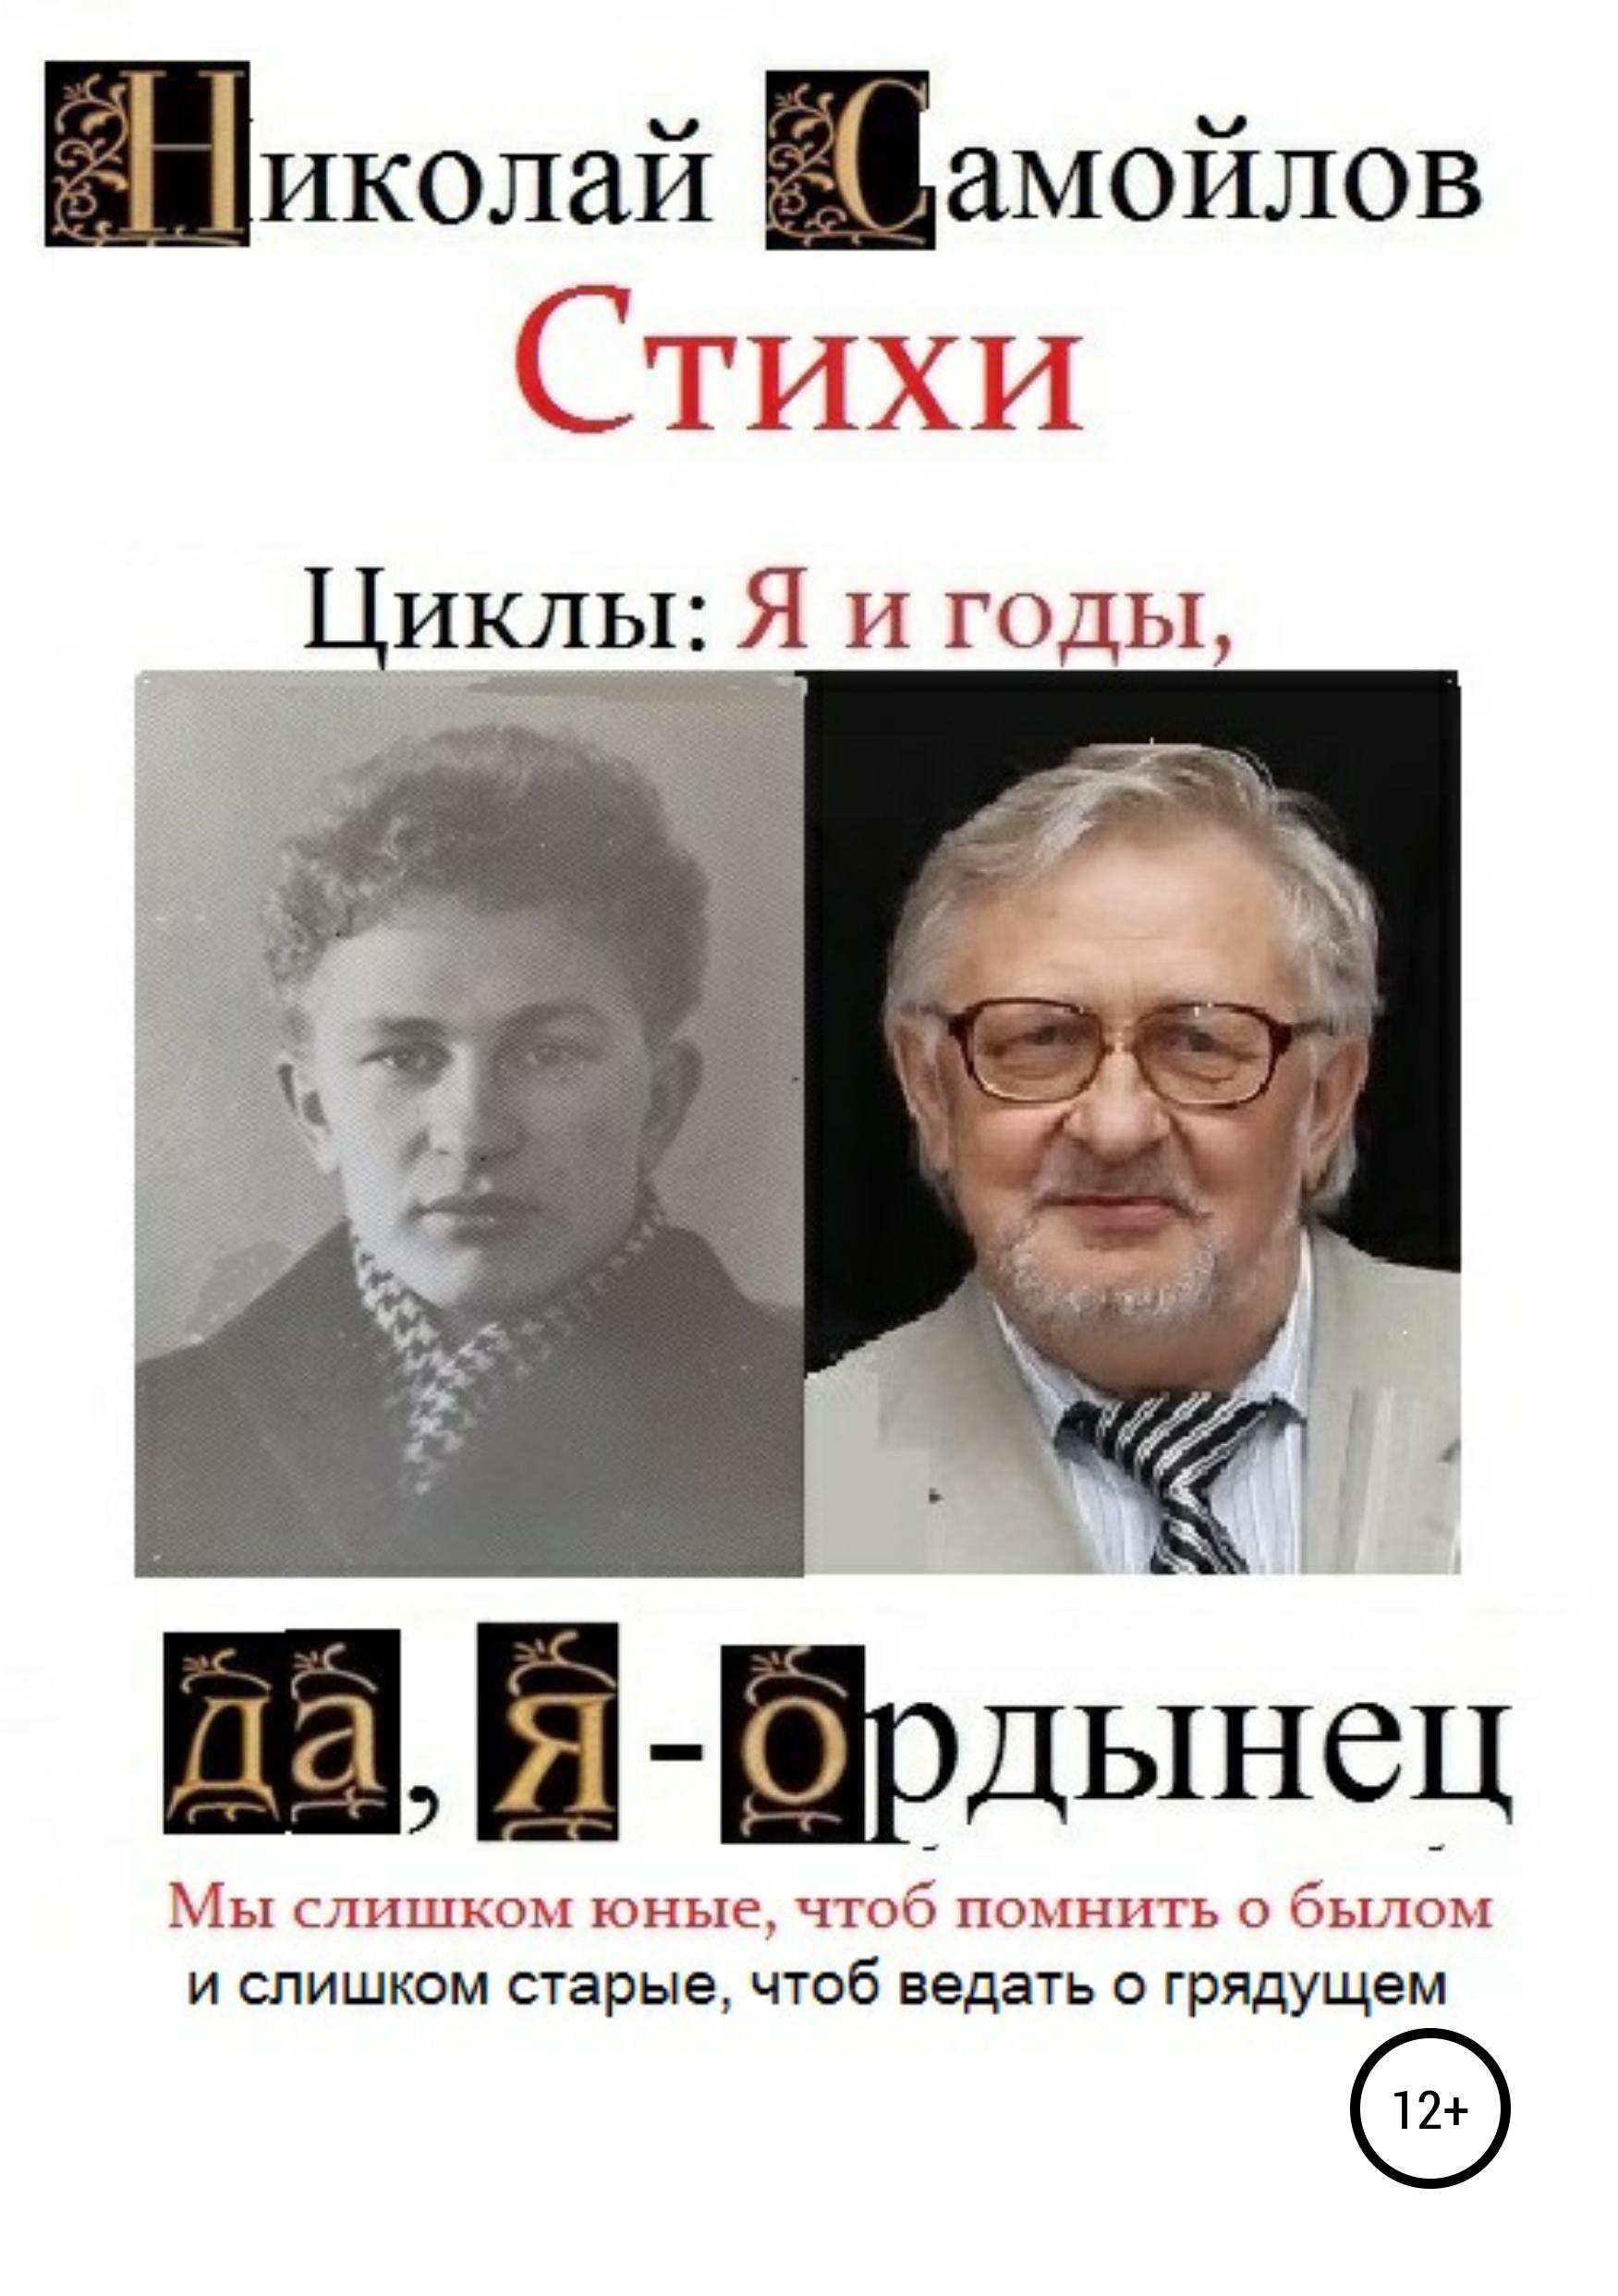 Николай Николаевич Самойлов Стихи. Циклы: я и годы, да, я – ордынец